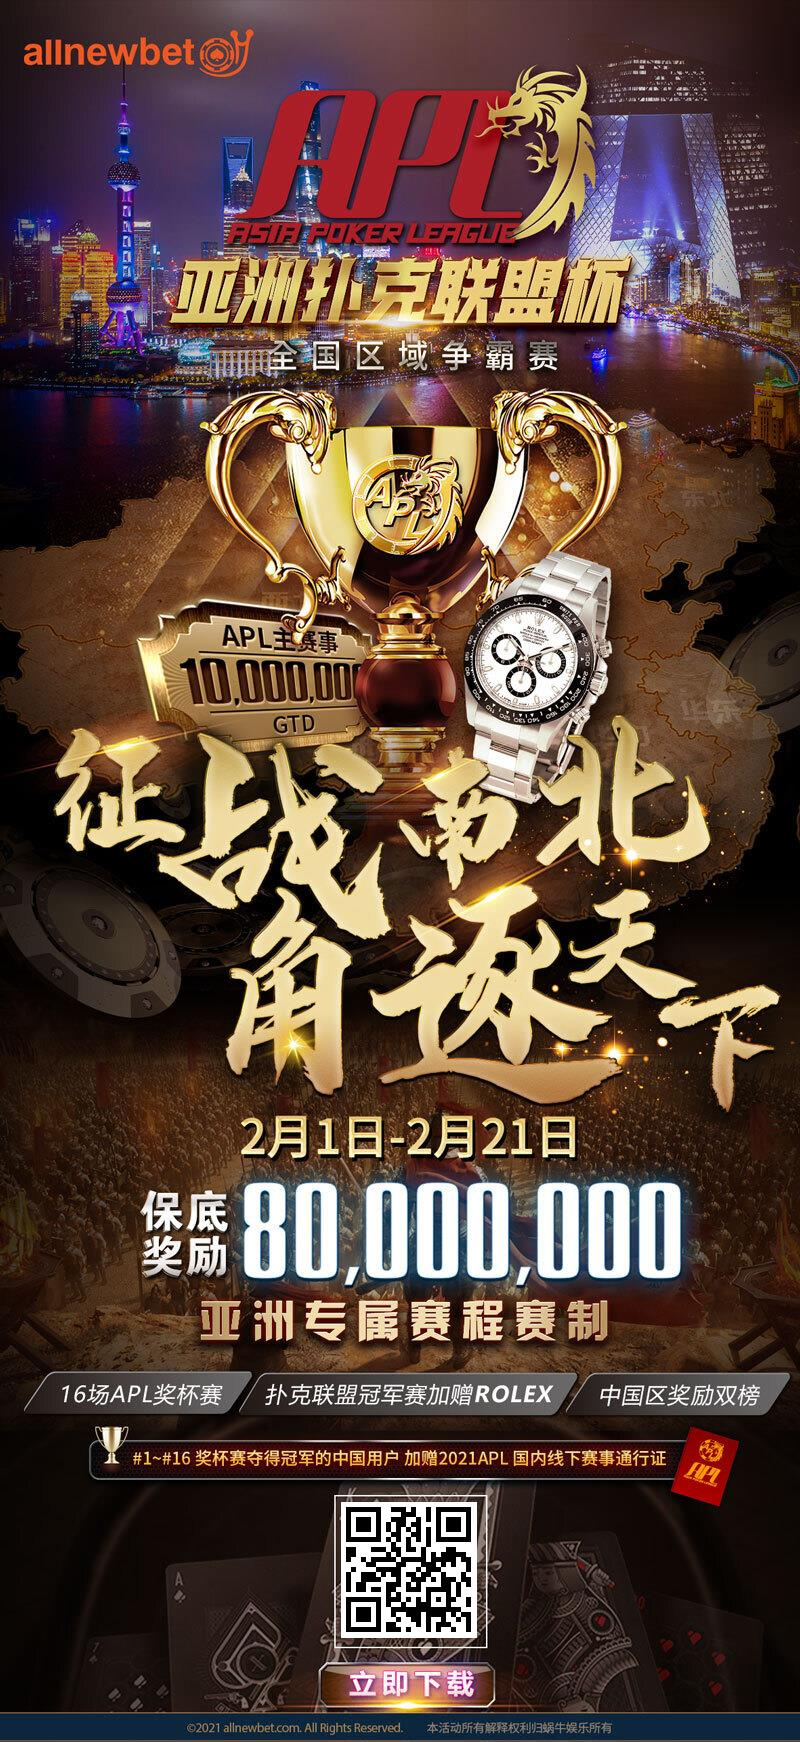 【蜗牛扑克】APL亚洲扑克联盟杯强势登场 2月1日正式启动